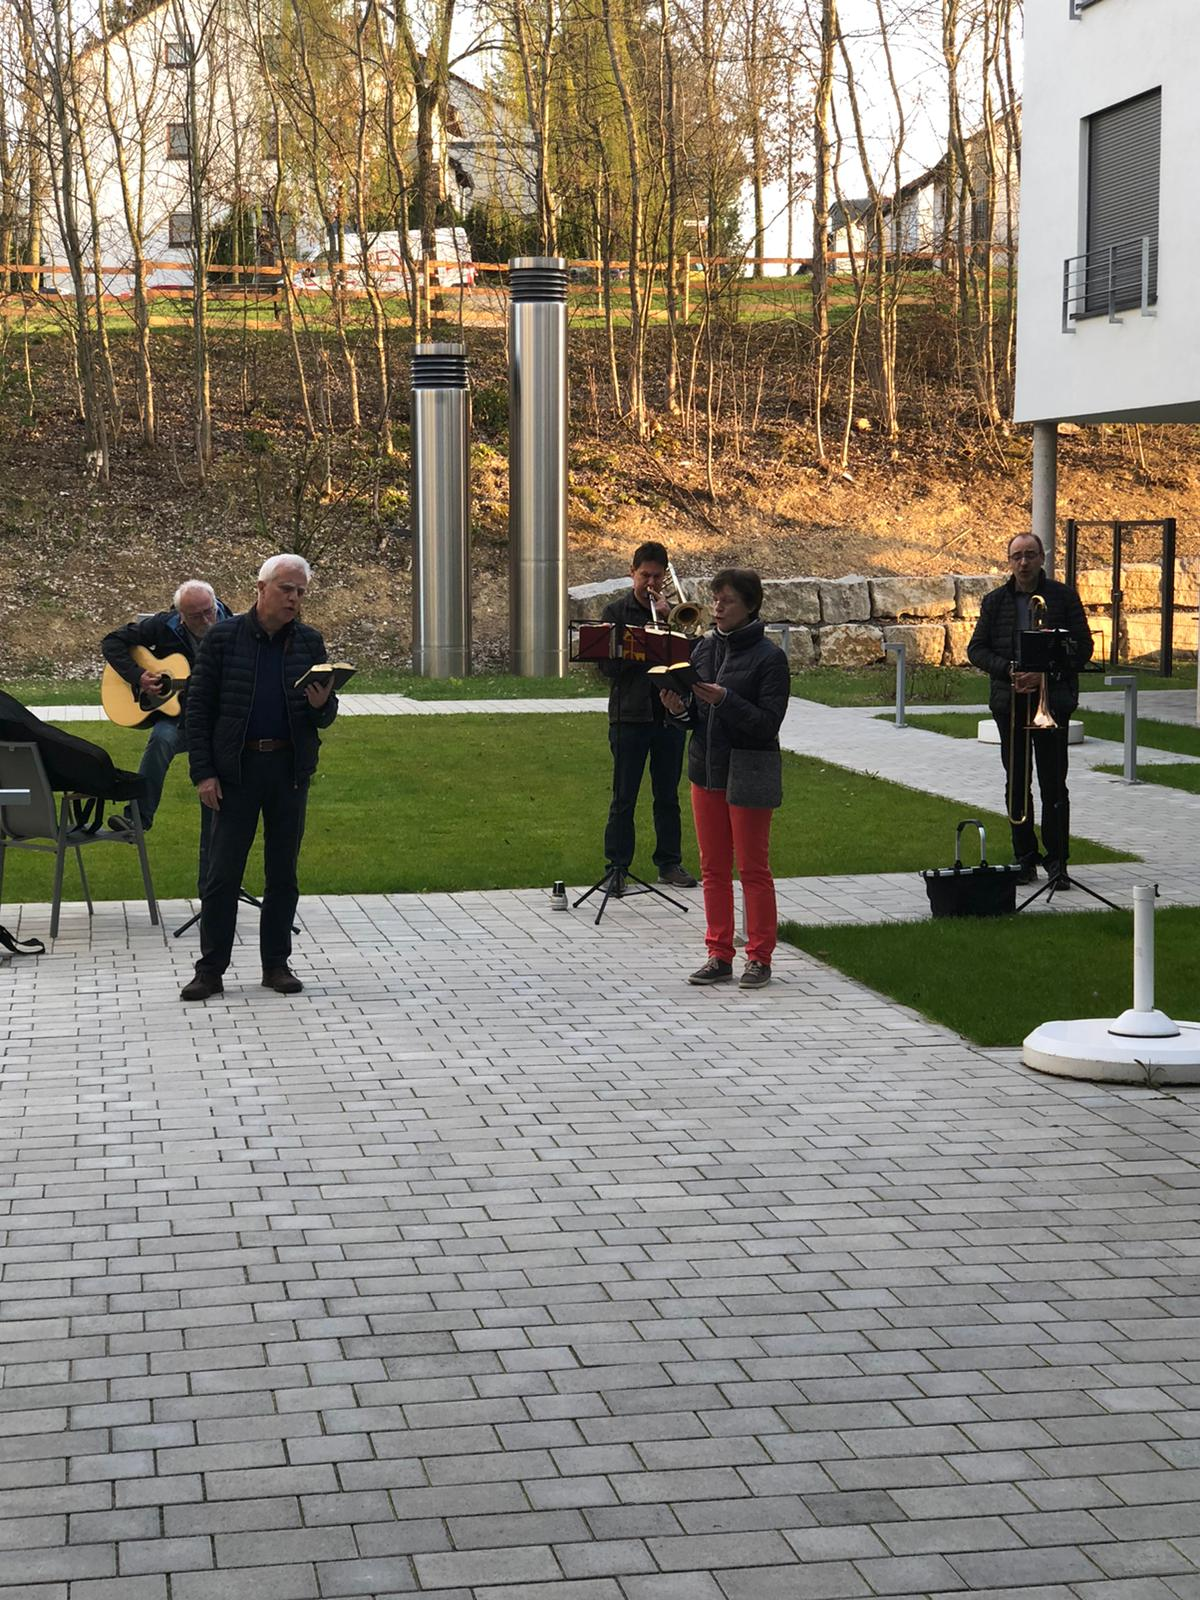 APH-2020-03-28-Gottesdienst-im-Freien-Evangelisches-Altenpflegeheim-Bretten-001